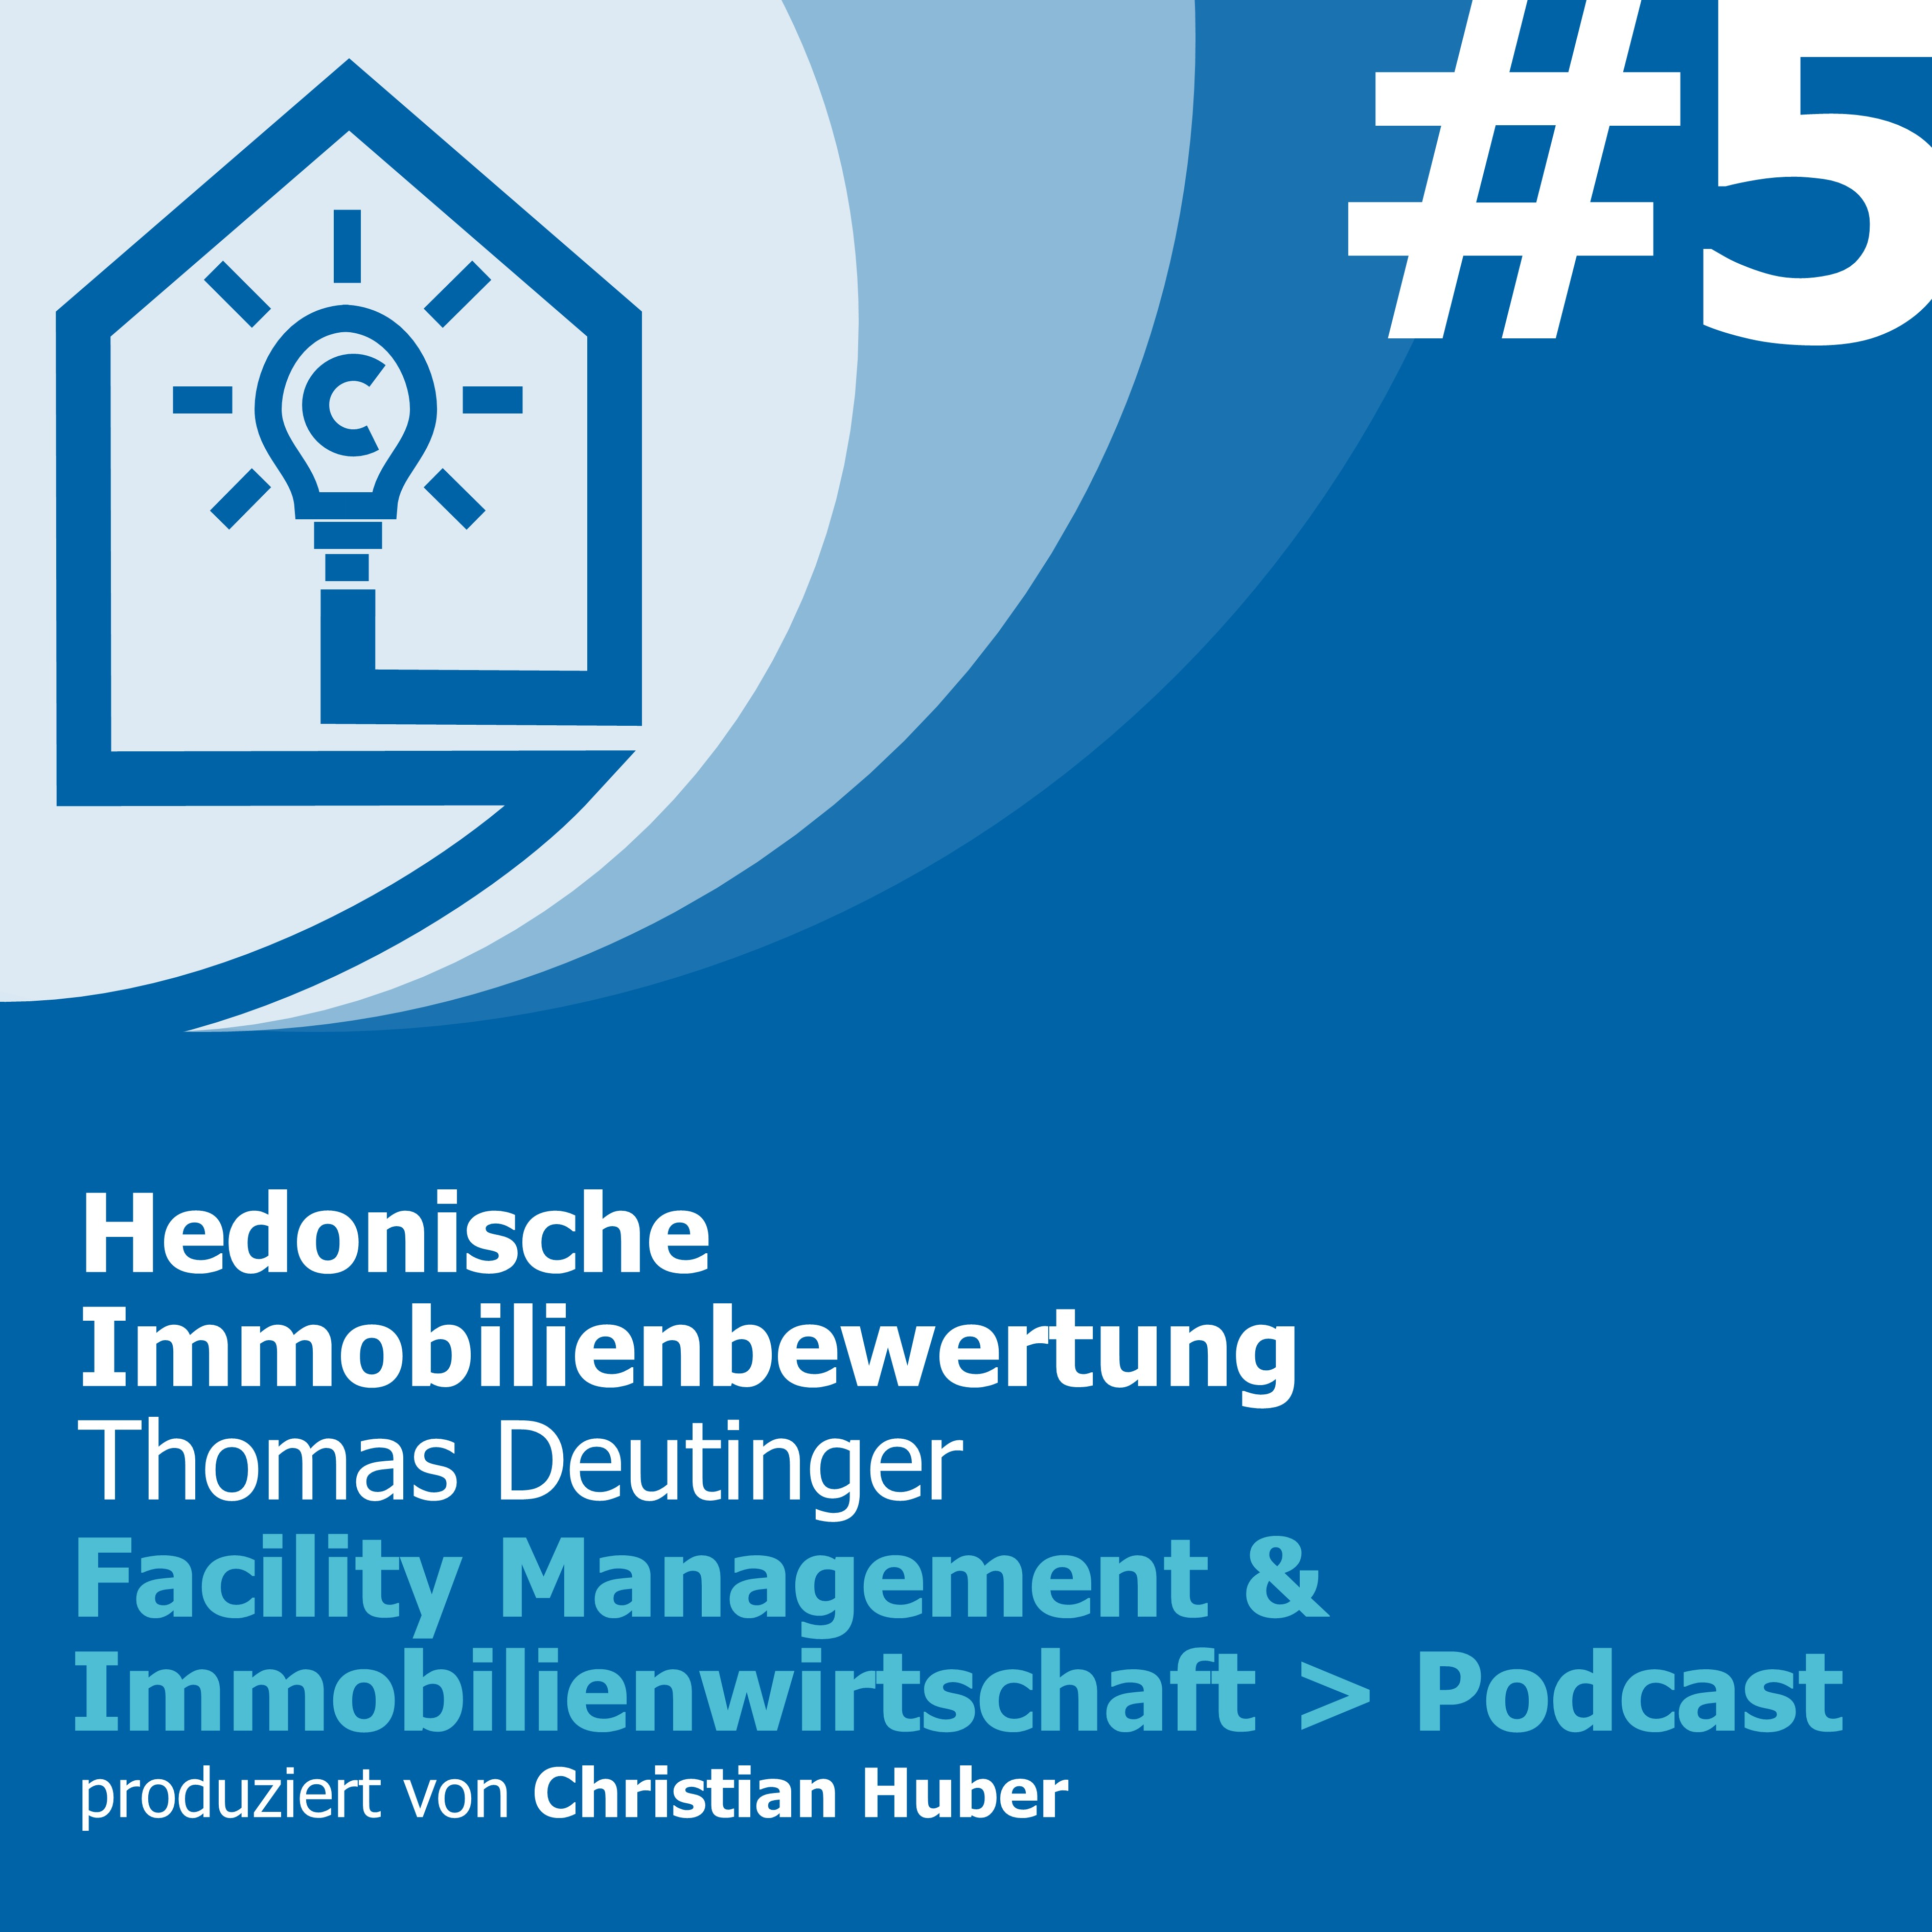 Episode 5 - Klassische Immobilienbewertungsverfahren versus hedonische Immobilienbewertung. Christian Huber im Gespräch mit Thomas Deutinger